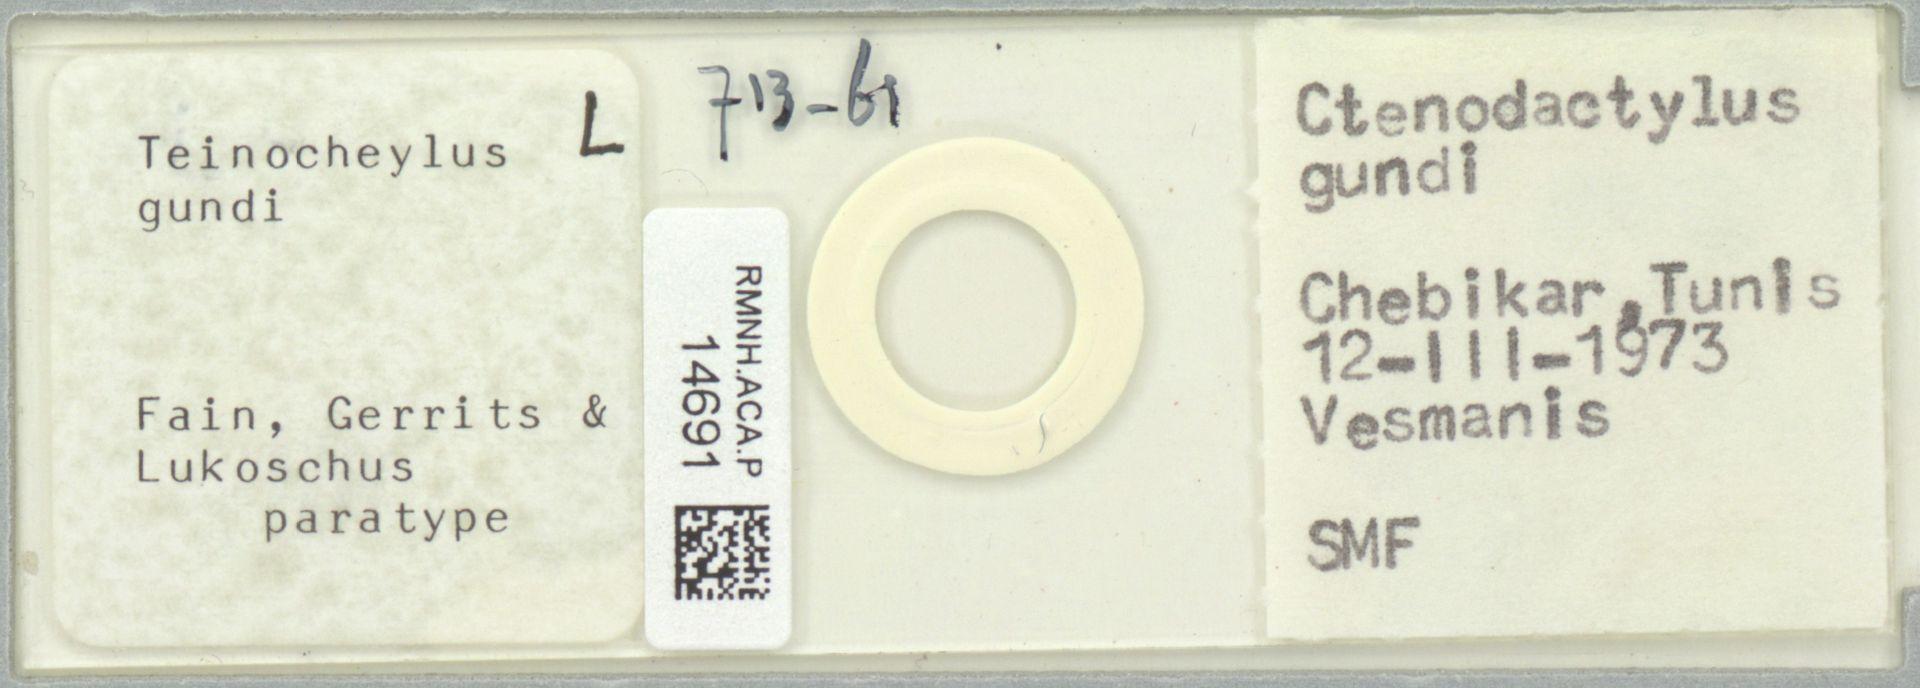 RMNH.ACA.P.14691 | Teinocheylus gundi